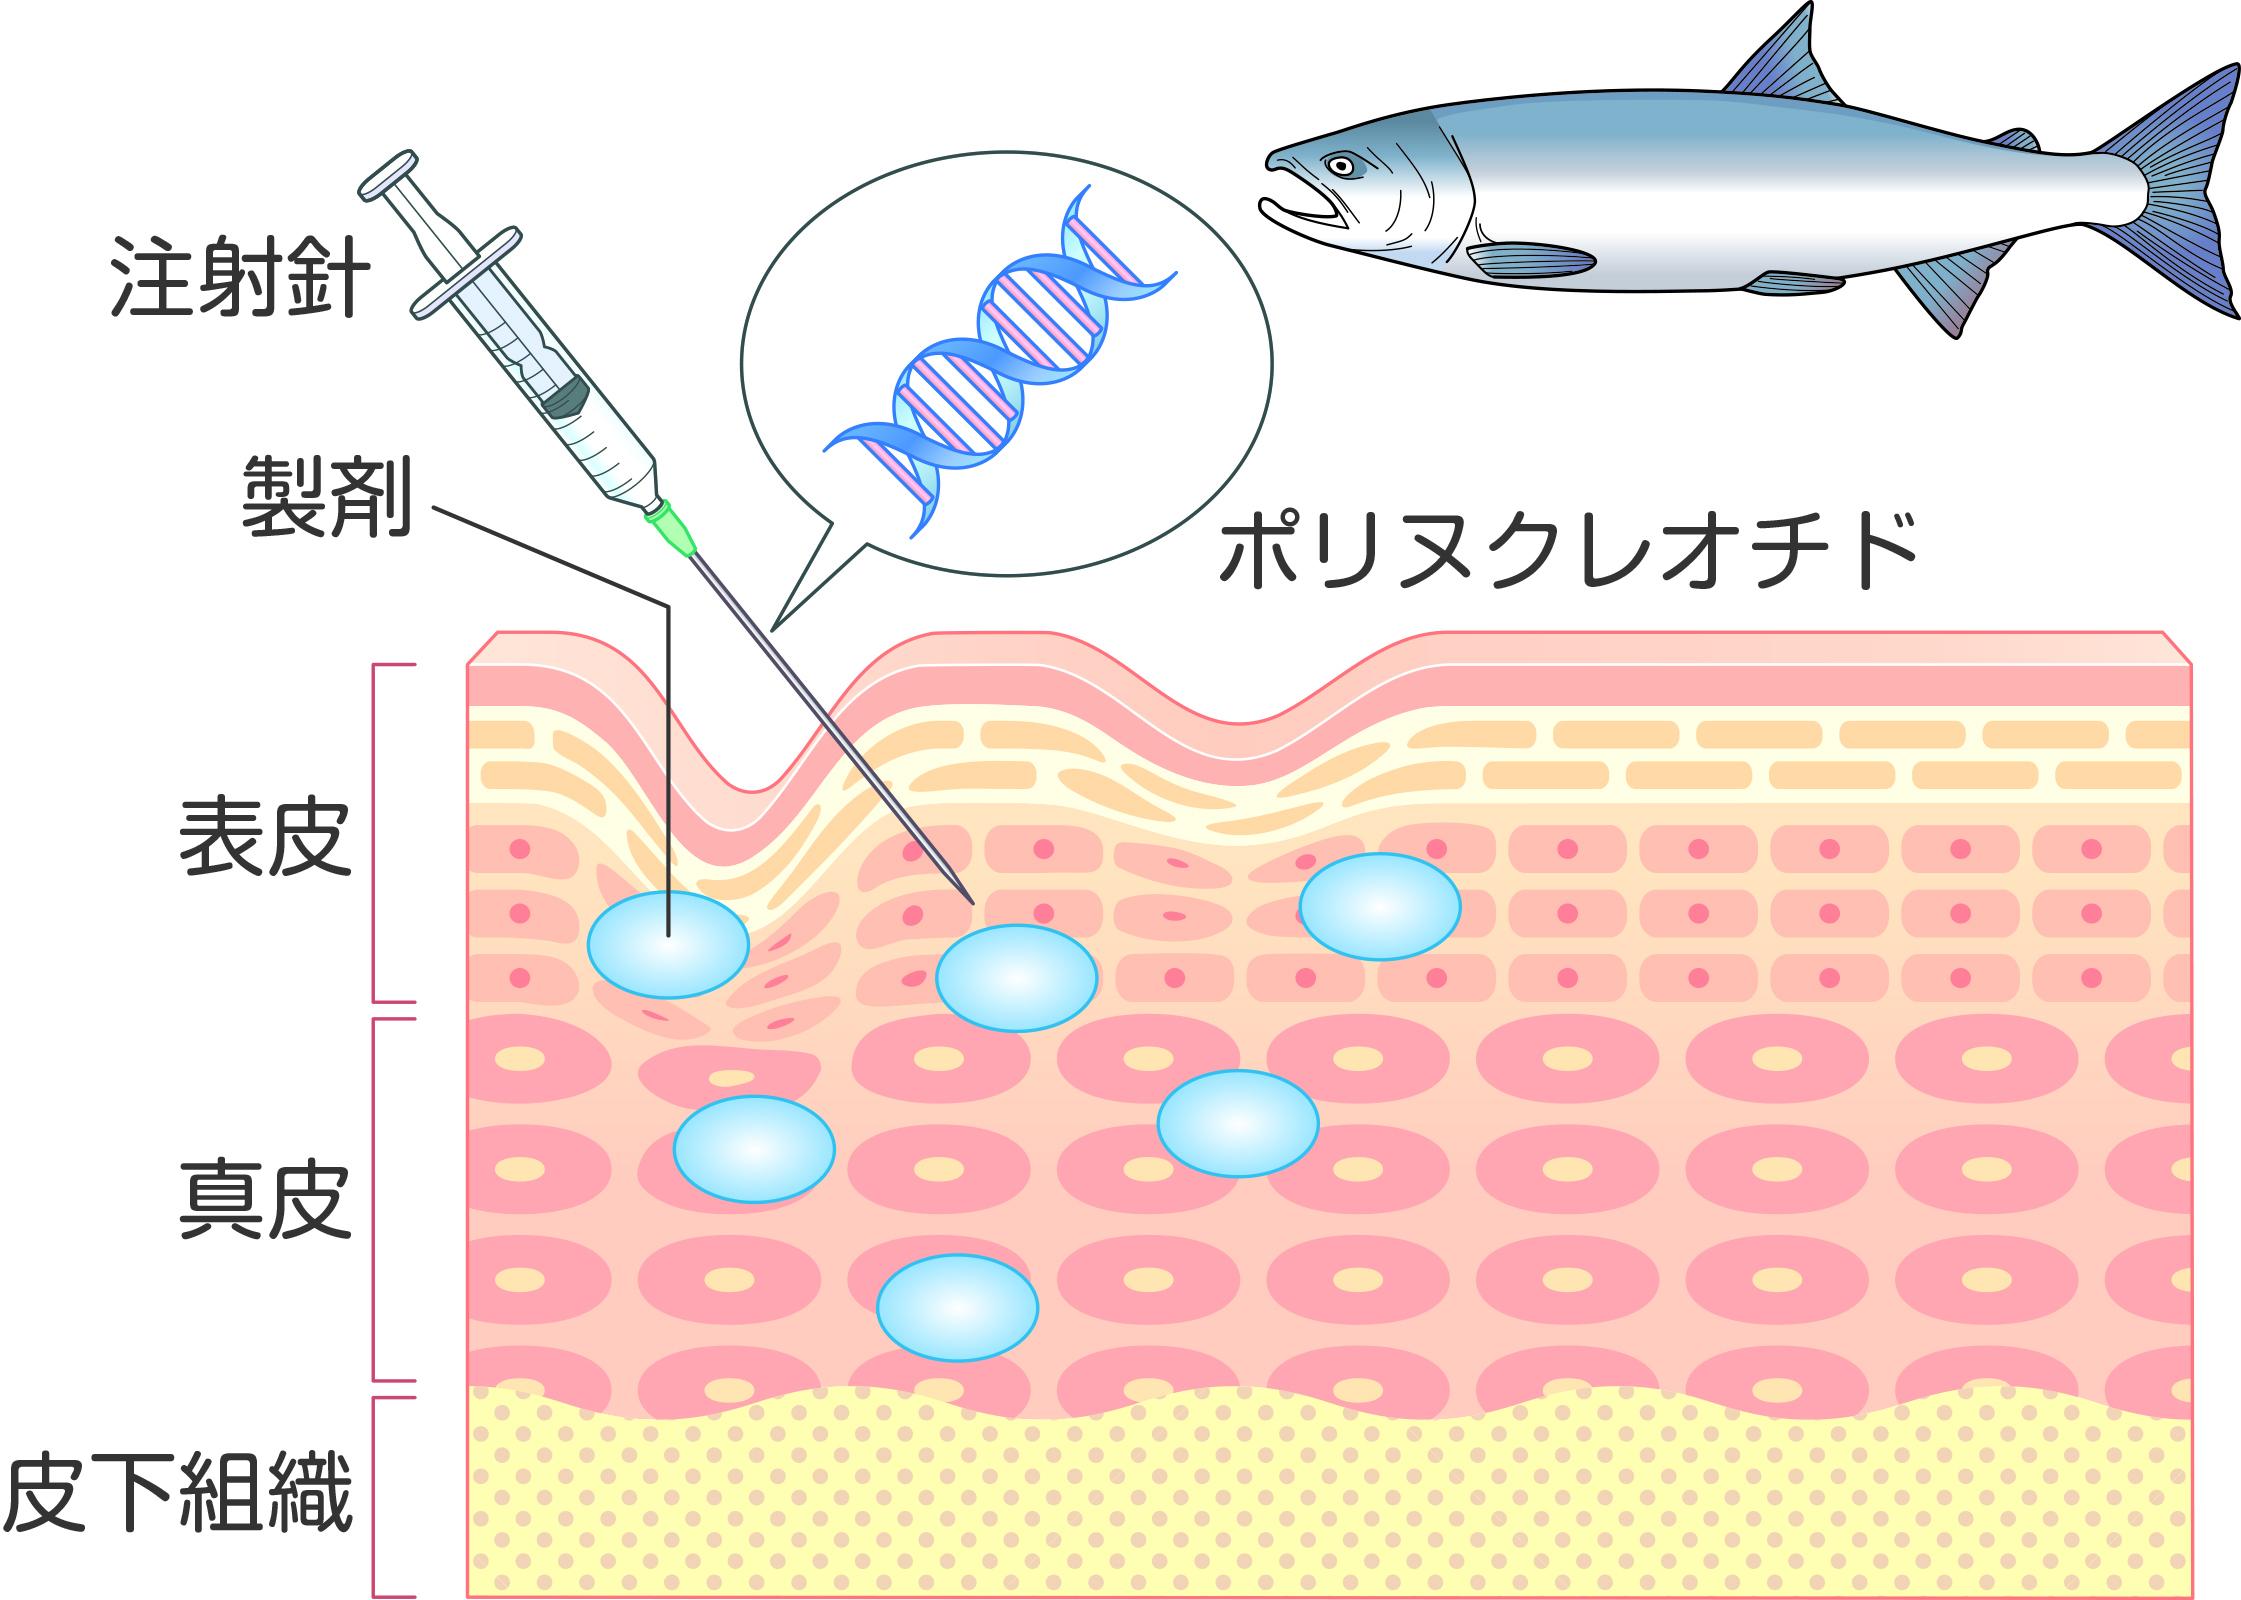 サーモン由来のDNAを主成分とするリジュラン注射